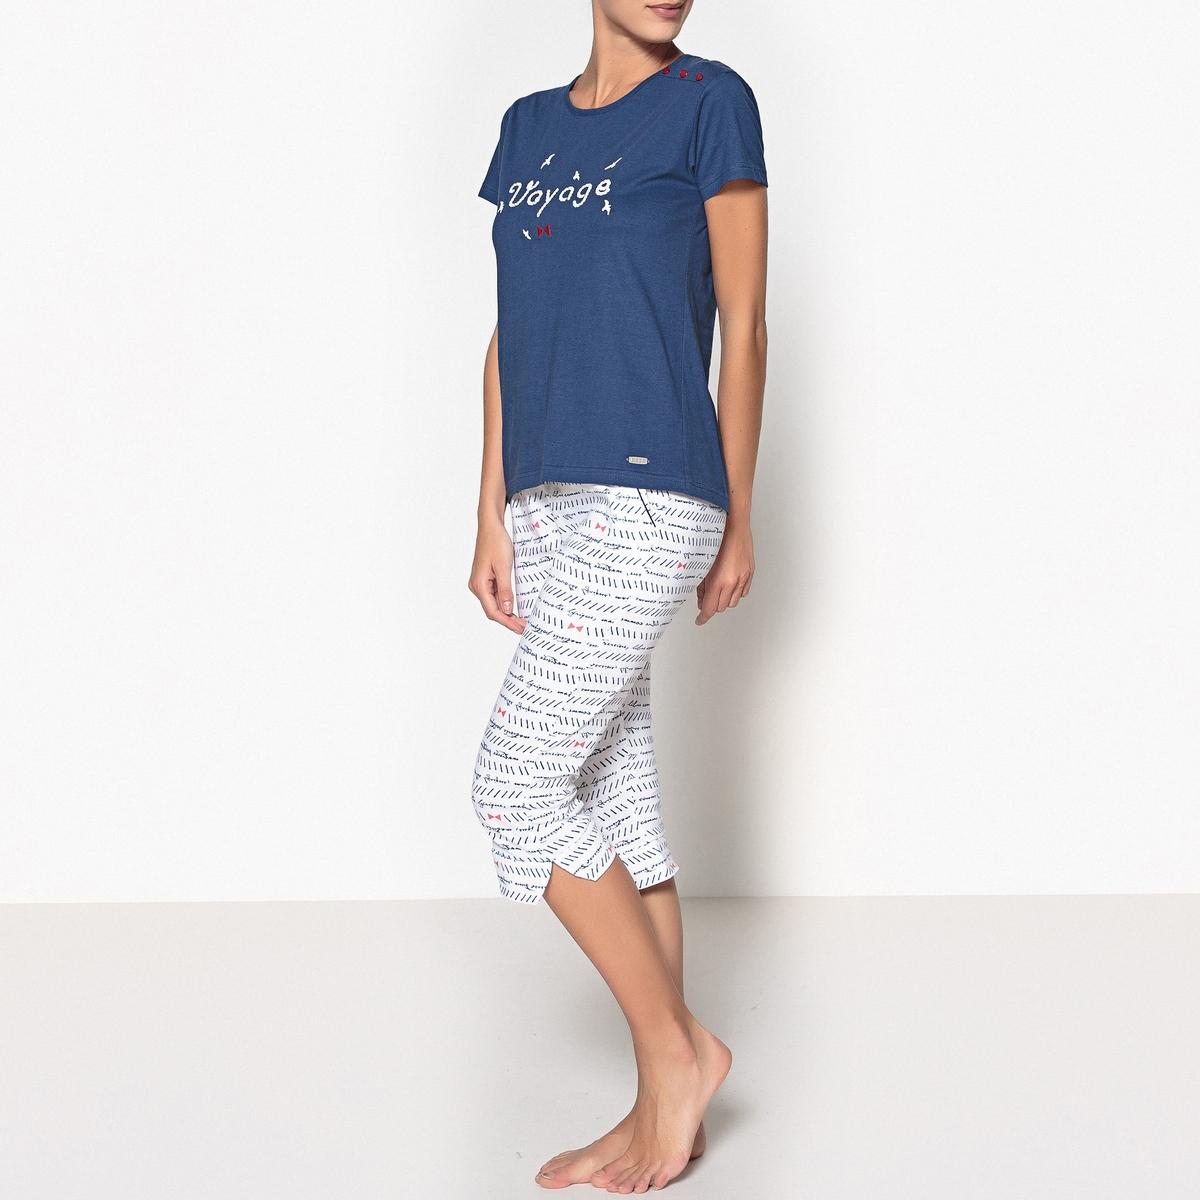 Пижама с рисунком с укороченными брюками из биохлопка, Oceane пижама с шортами с рисунком